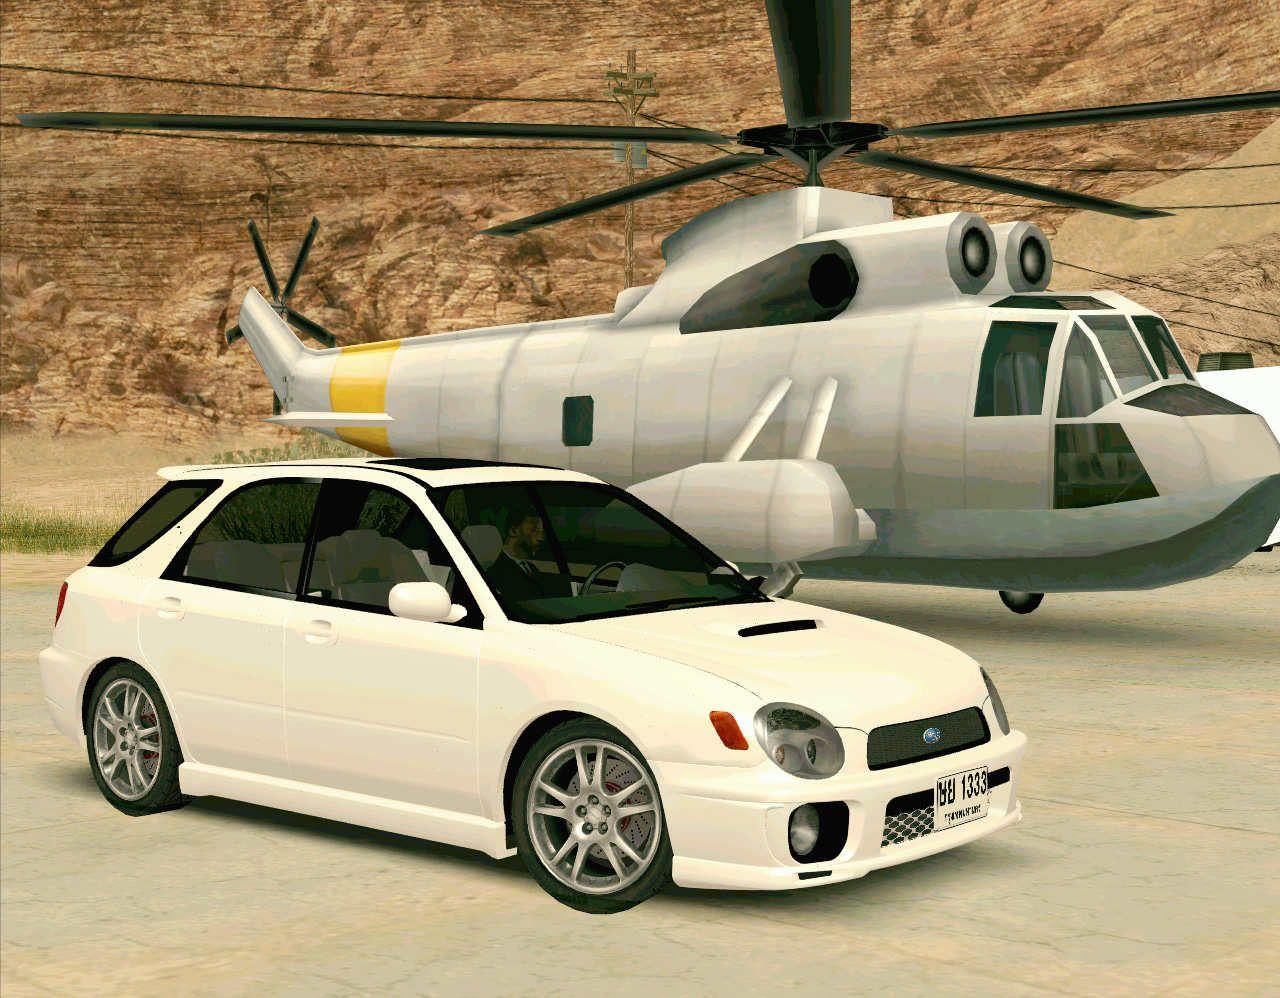 Subaru impreza wrx wagon the car i would like